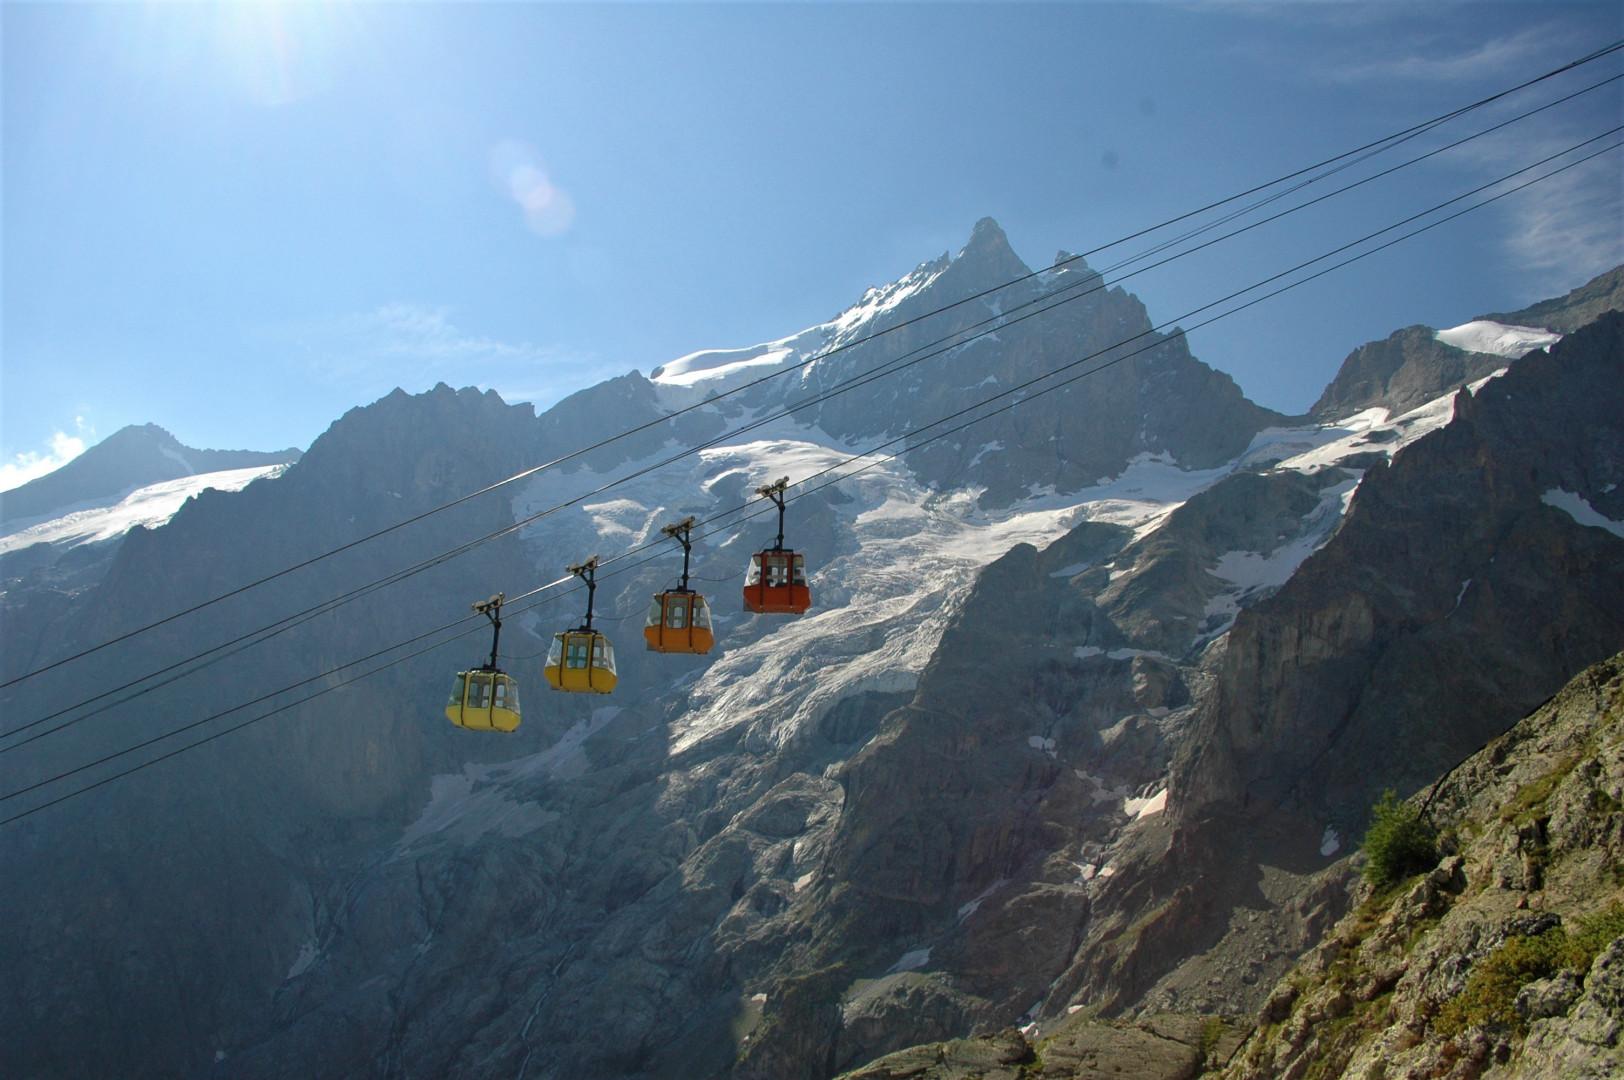 Photo du téléphérique des «  Glaciers de la Meije » dont la gare de départ se trouve au village de la Grave(Hautes-Alpes). Il monte les touristes à 3 211 mètres d'altitude, dans un secteur de haute montagne, tout près du mythique sommet de la Meije